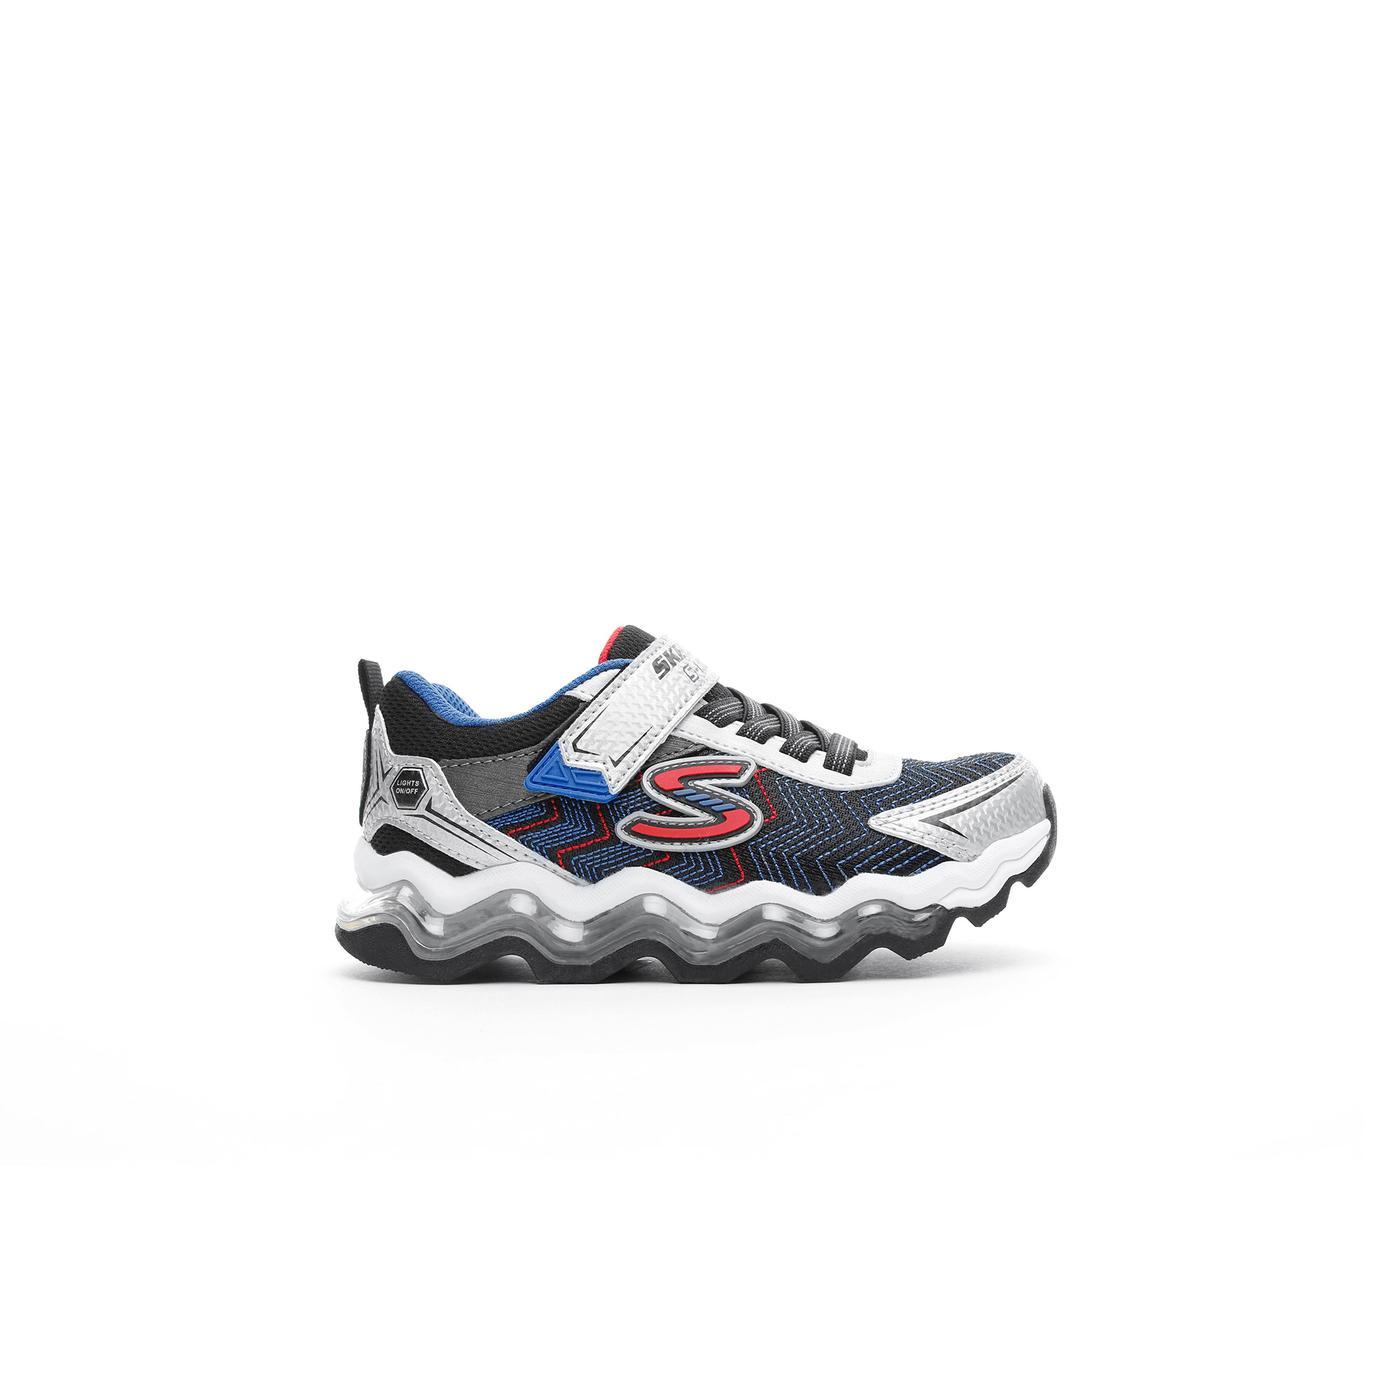 Skechers Turbowave Çocuk Gri Spor Ayakkabı